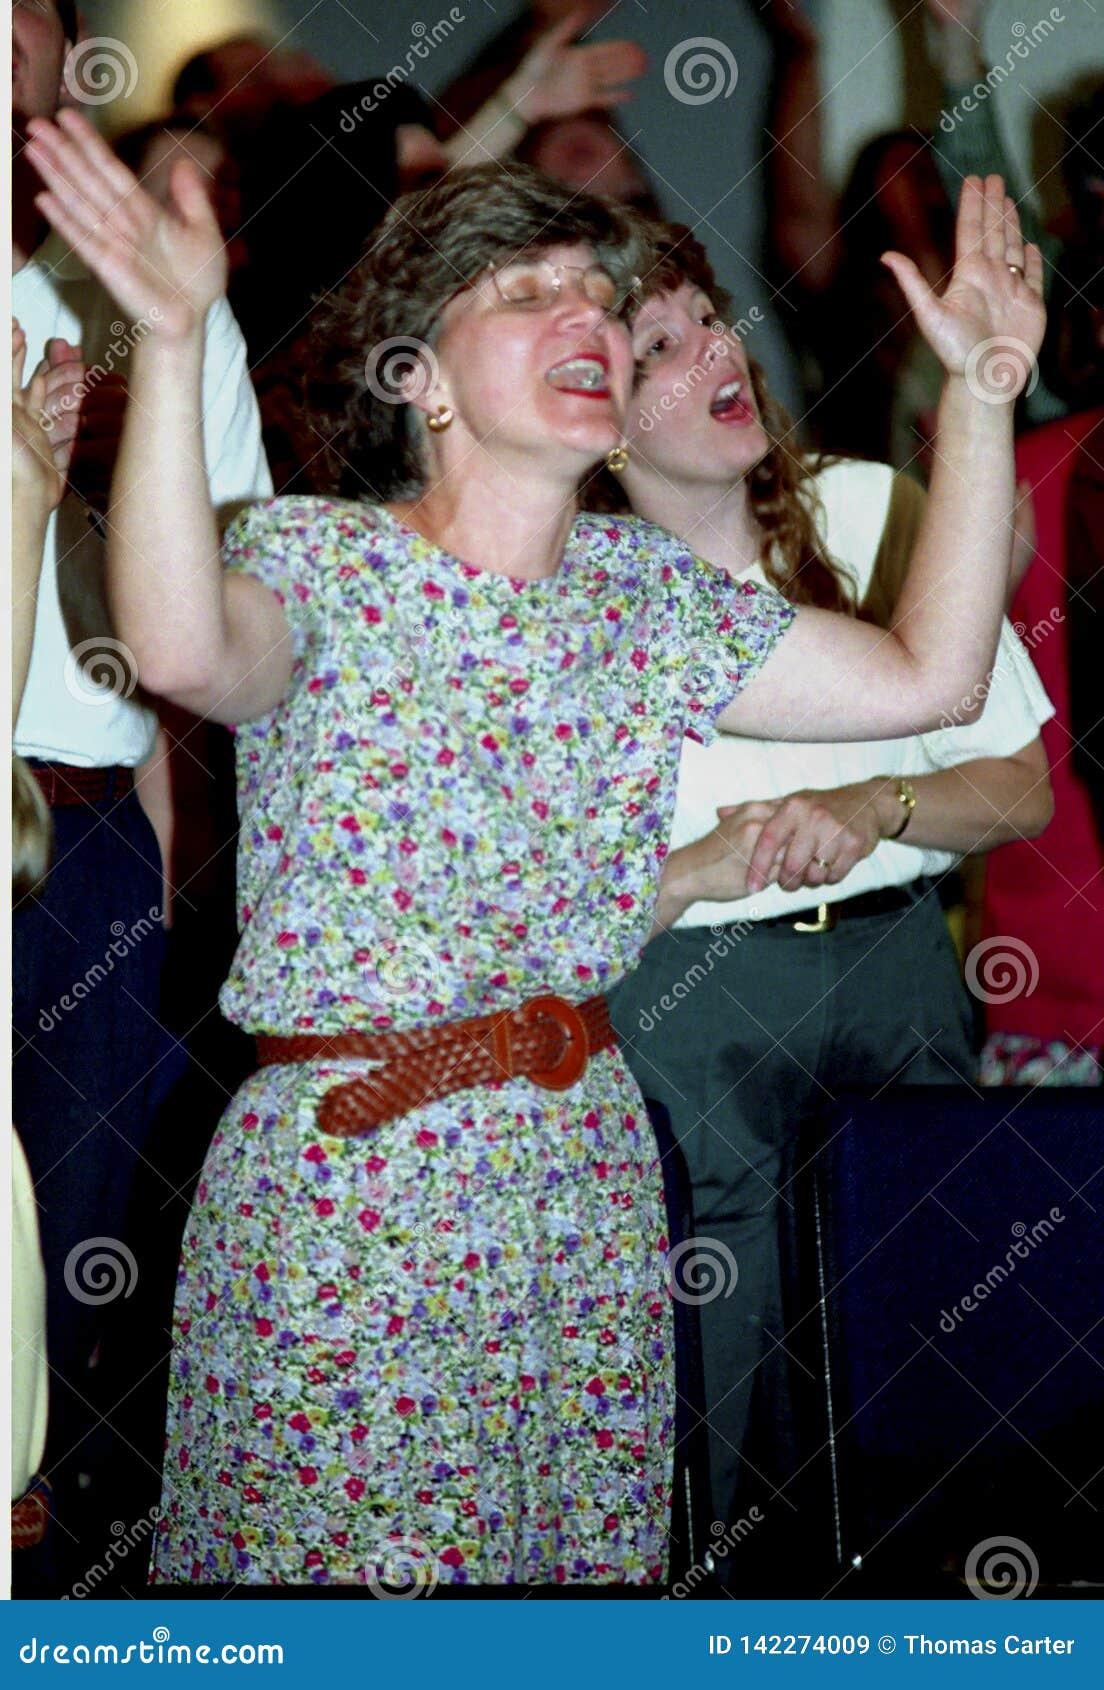 Woman in prais e at a Pcharismatic church service r